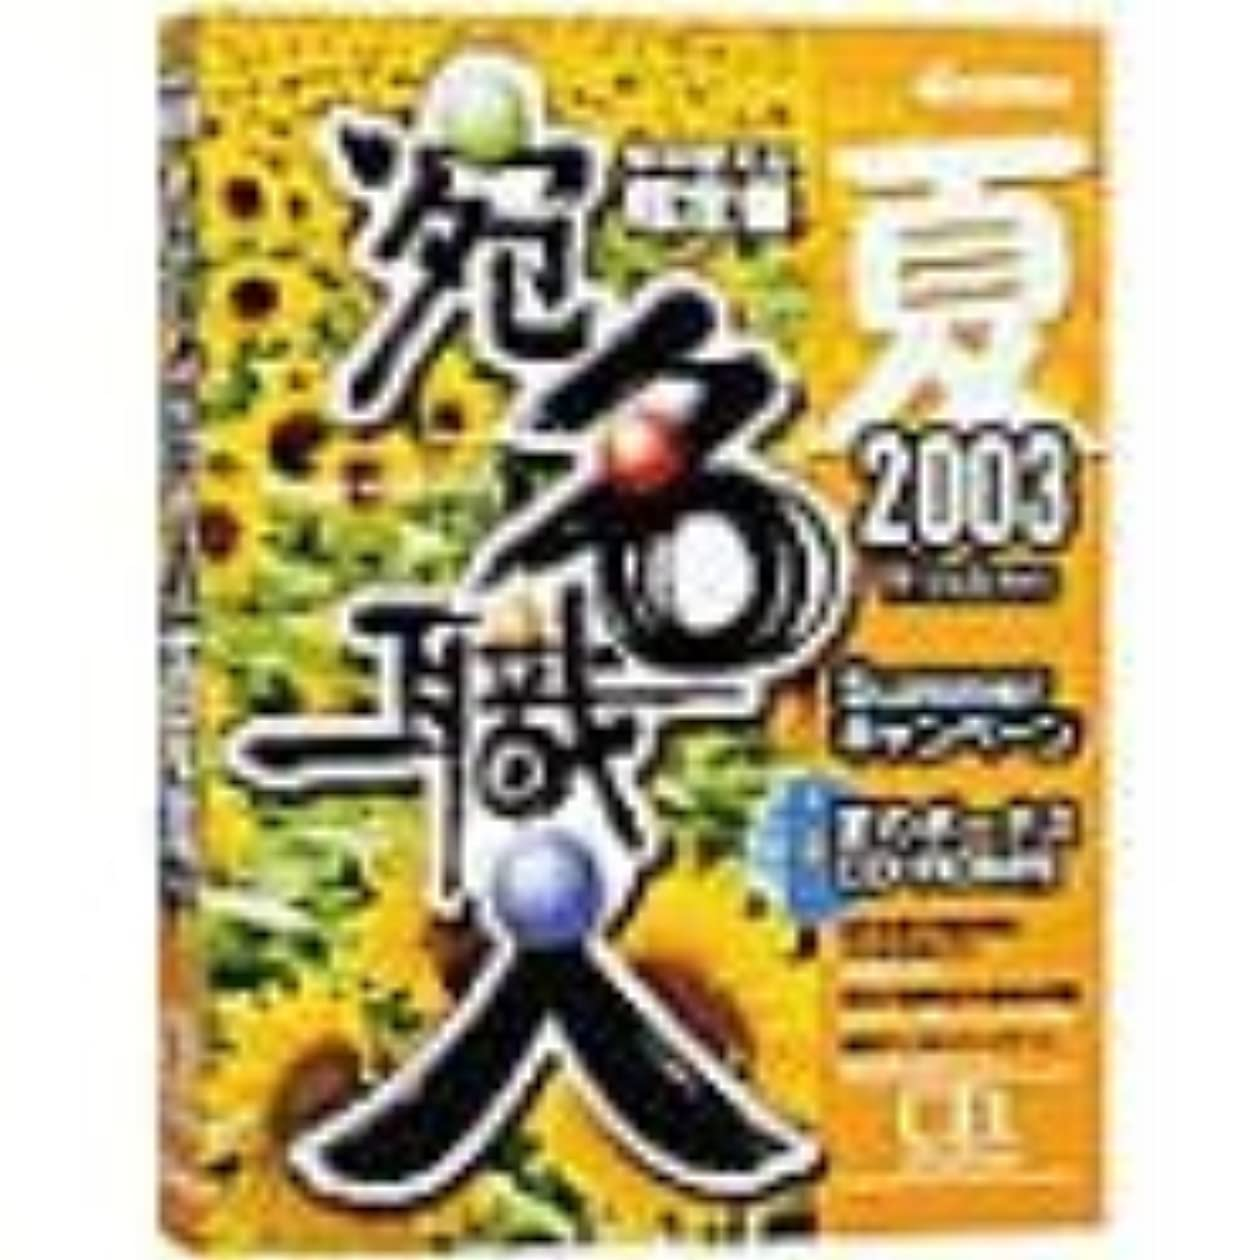 アシスタント明らか広い宛名職人 2003 Summerキャンペーン版 CD-ROM